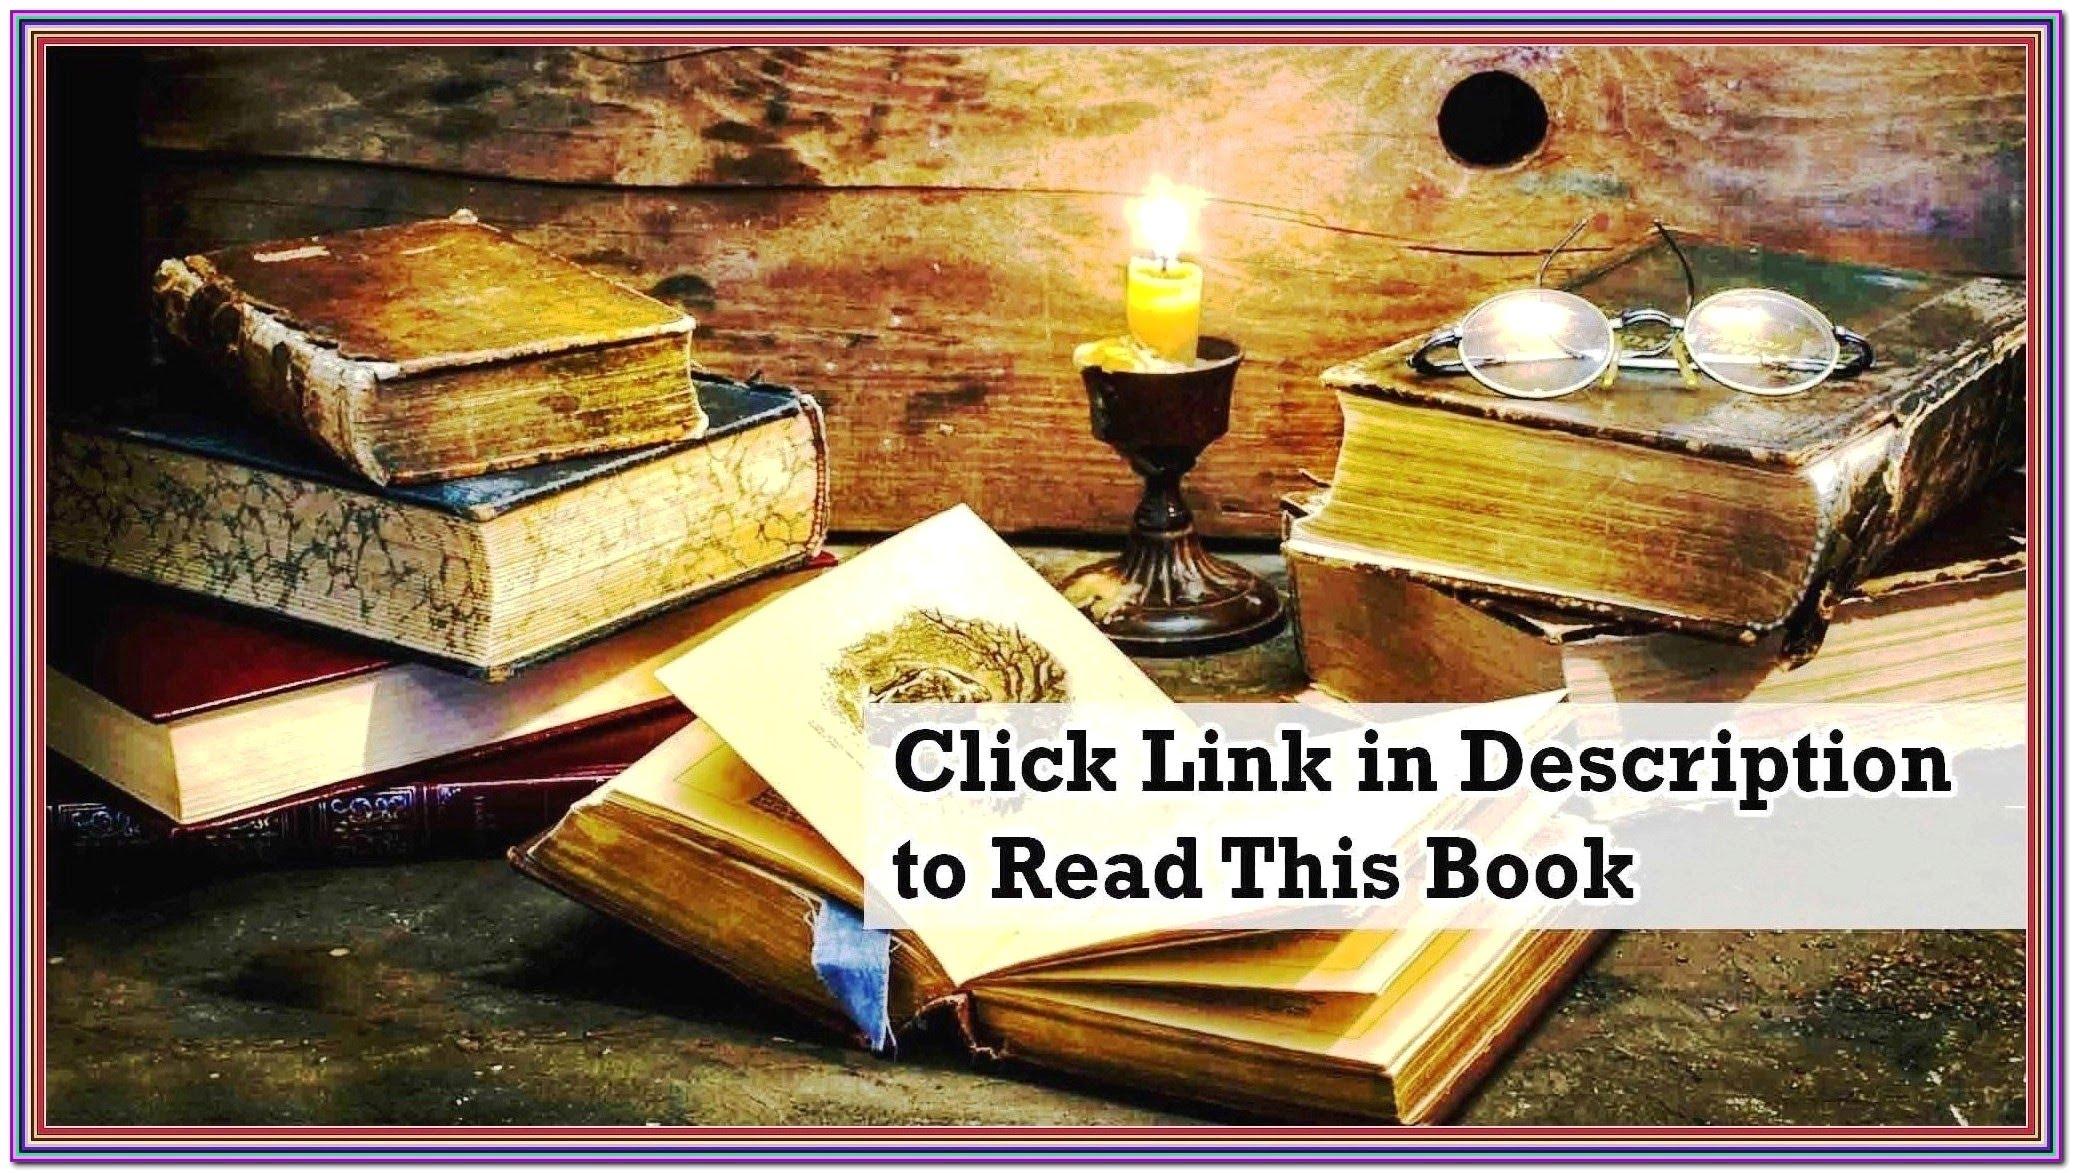 jk rowling books pdf free download